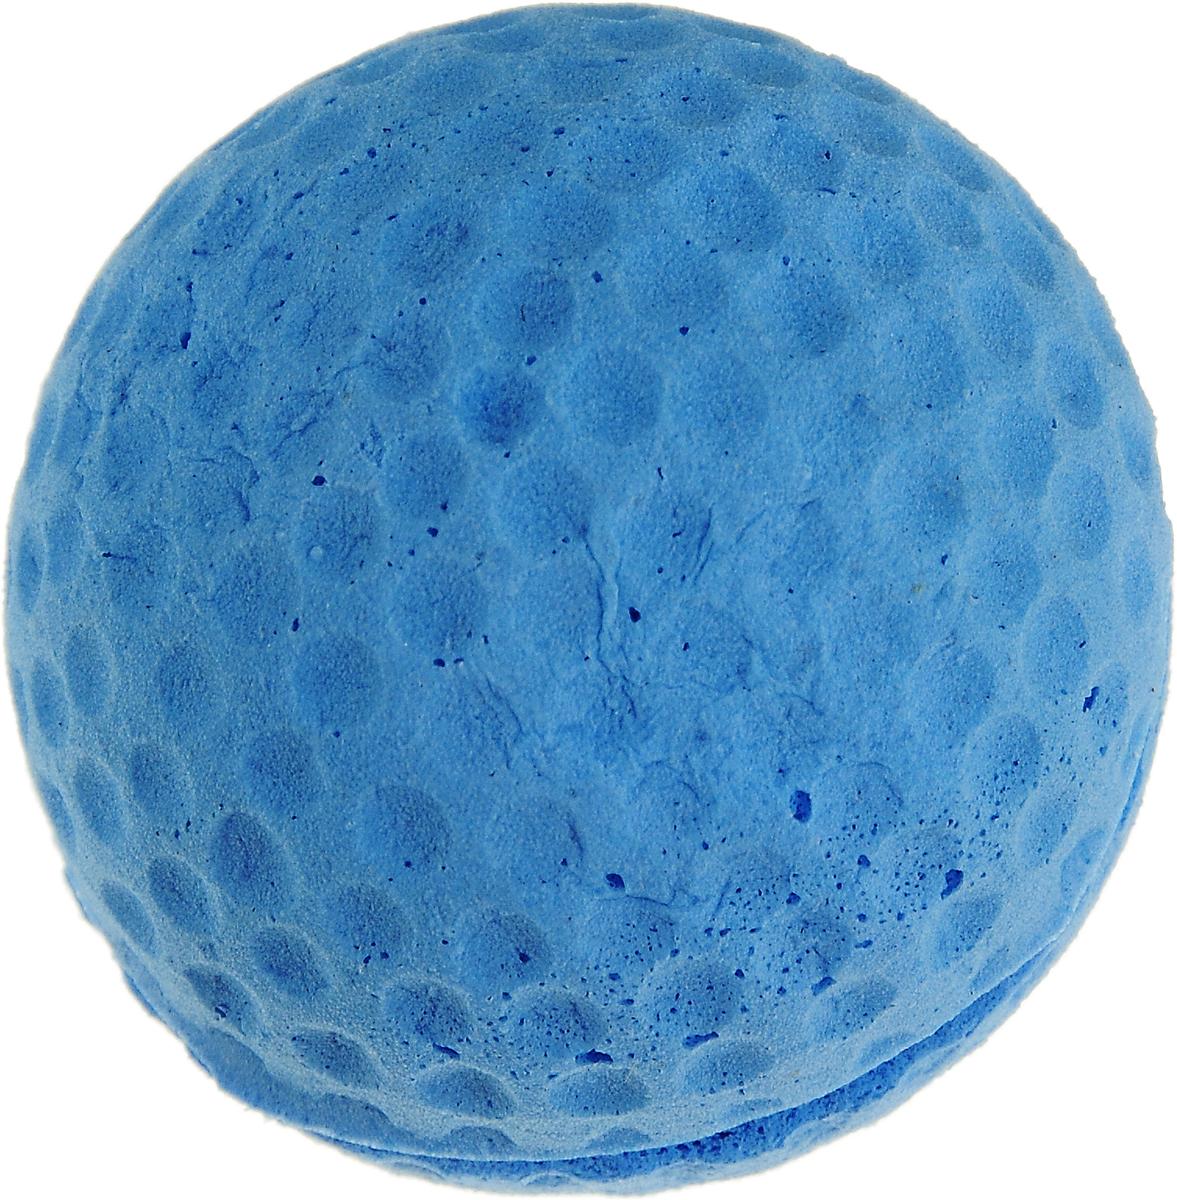 Игрушка для животных Каскад Мячик зефирный. Гольф, цвет: голубой, диаметр 4 см0120710Мягкая игрушка для животных Каскад Мячик зефирный. Гольф изготовлена из вспененного полимера.Такая игрушка порадует вашего любимца, а вам доставит массу приятных эмоций, ведь наблюдать за игрой всегда интересно и приятно.Диаметр игрушки: 4 см.